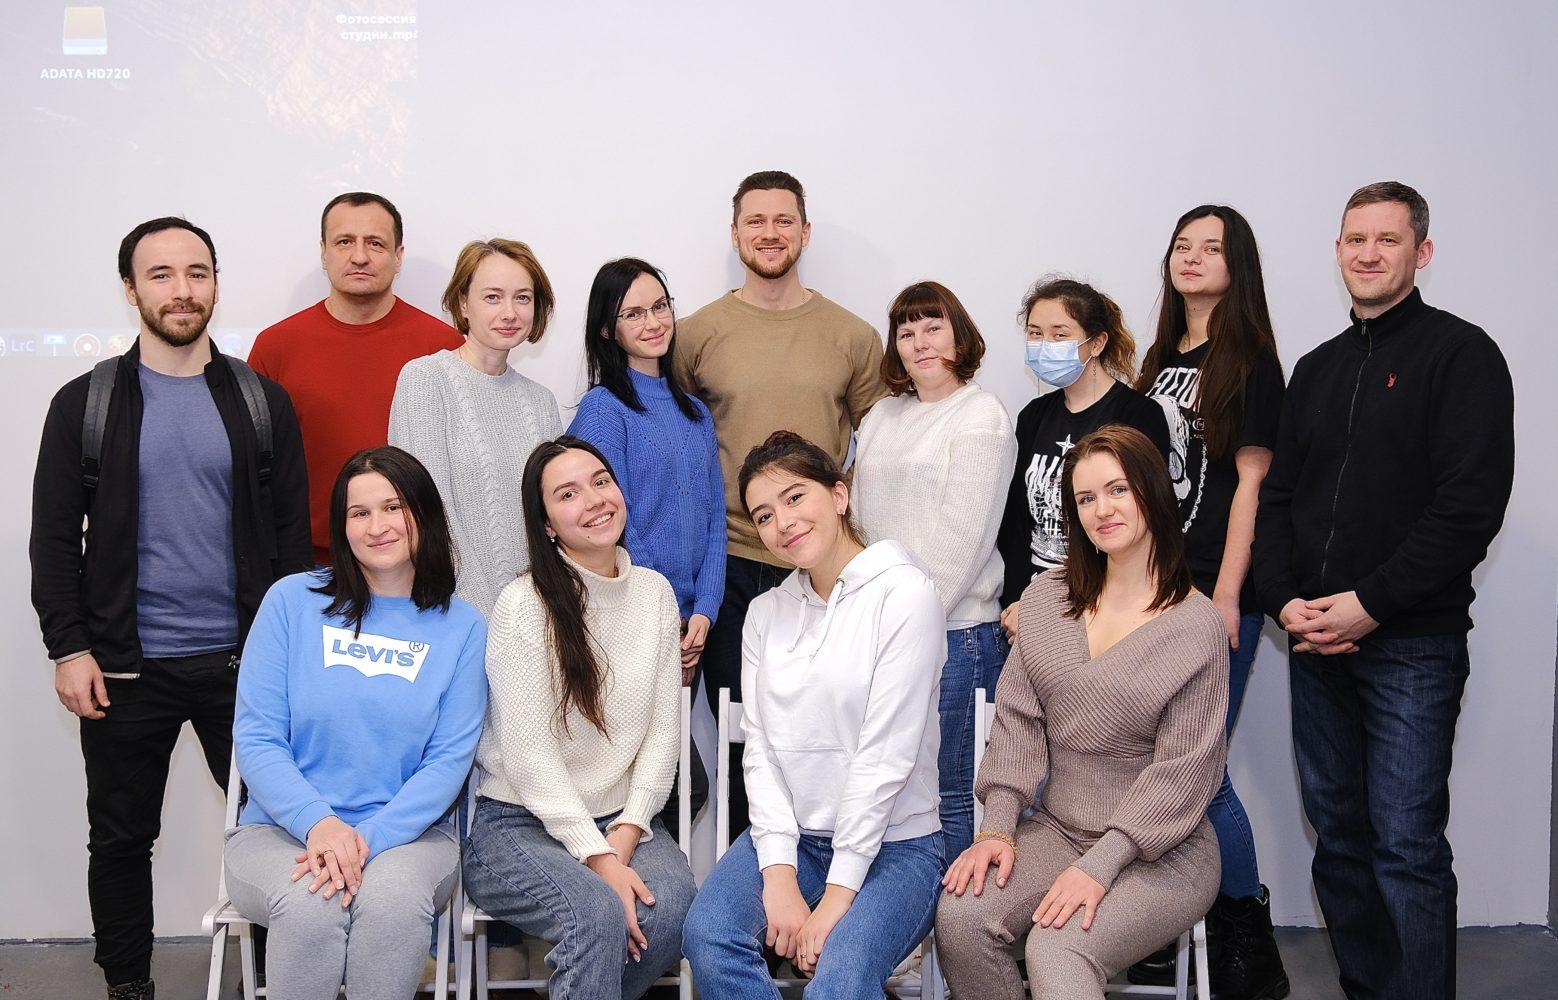 Фотостарт - курс по фотографии для новичков в Казани